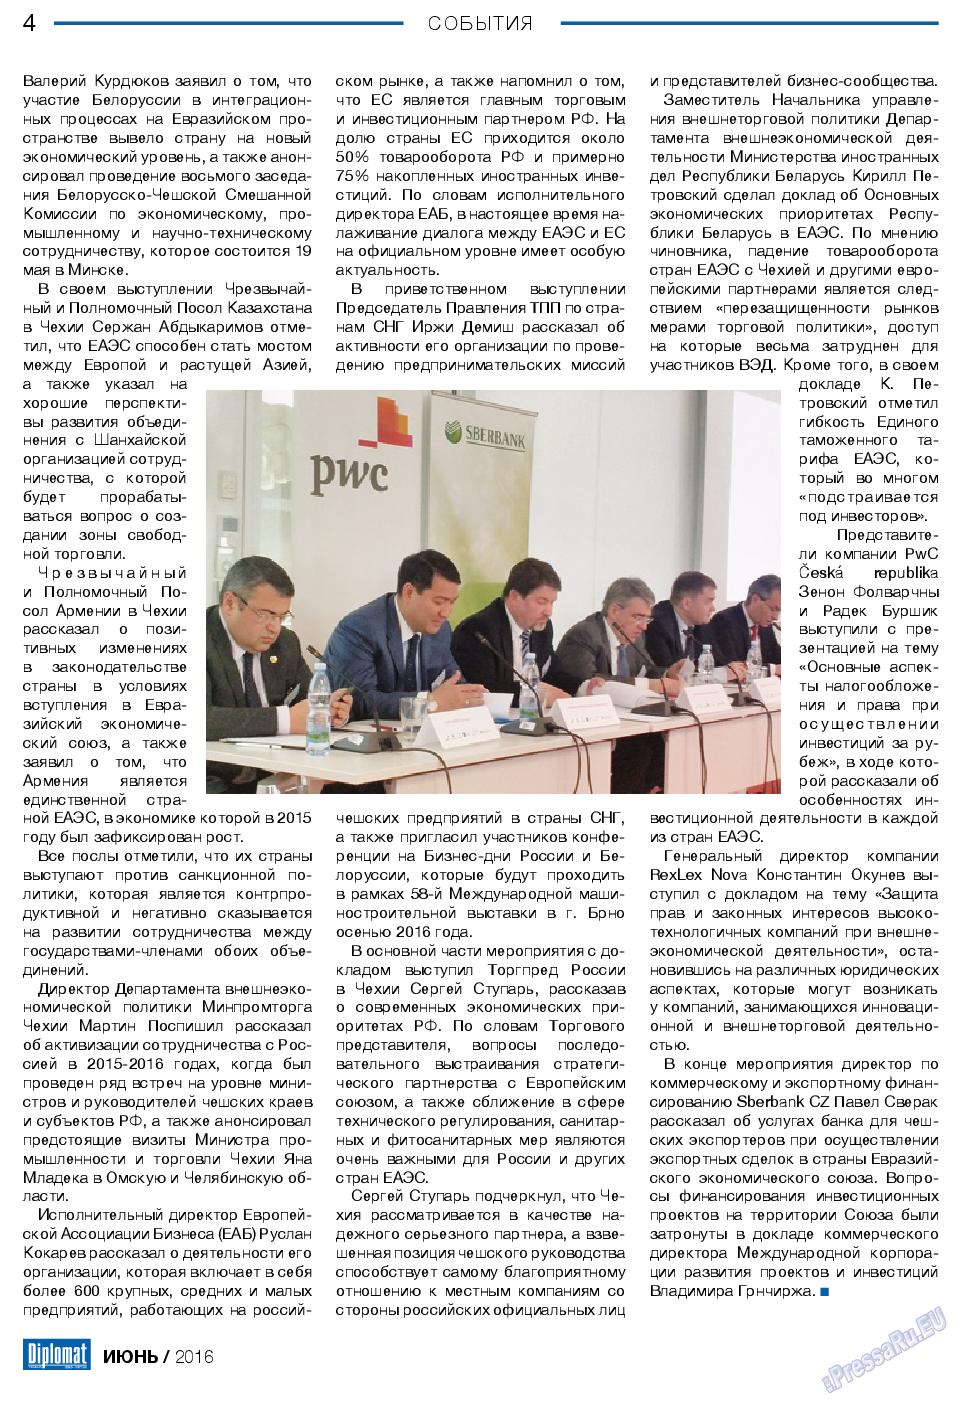 Diplomat (газета). 2016 год, номер 81, стр. 4